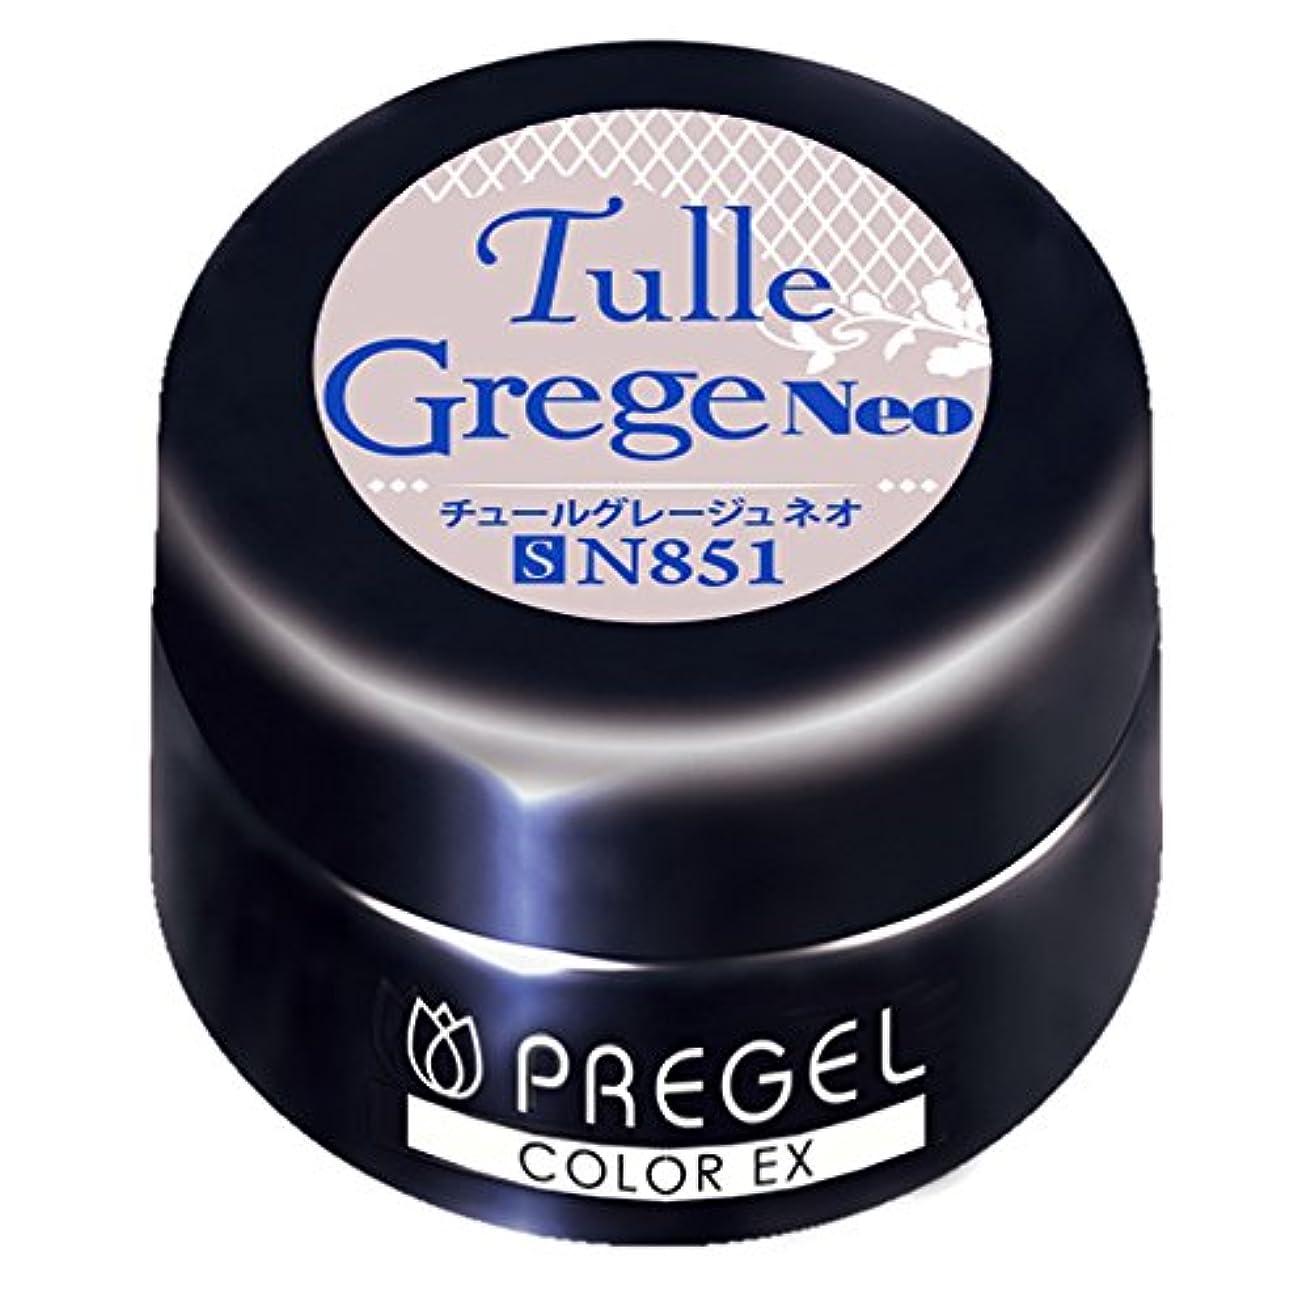 最後に敏感なおもしろいPRE GEL カラーEX チュールグレージュ neo 851 3g UV/LED対応